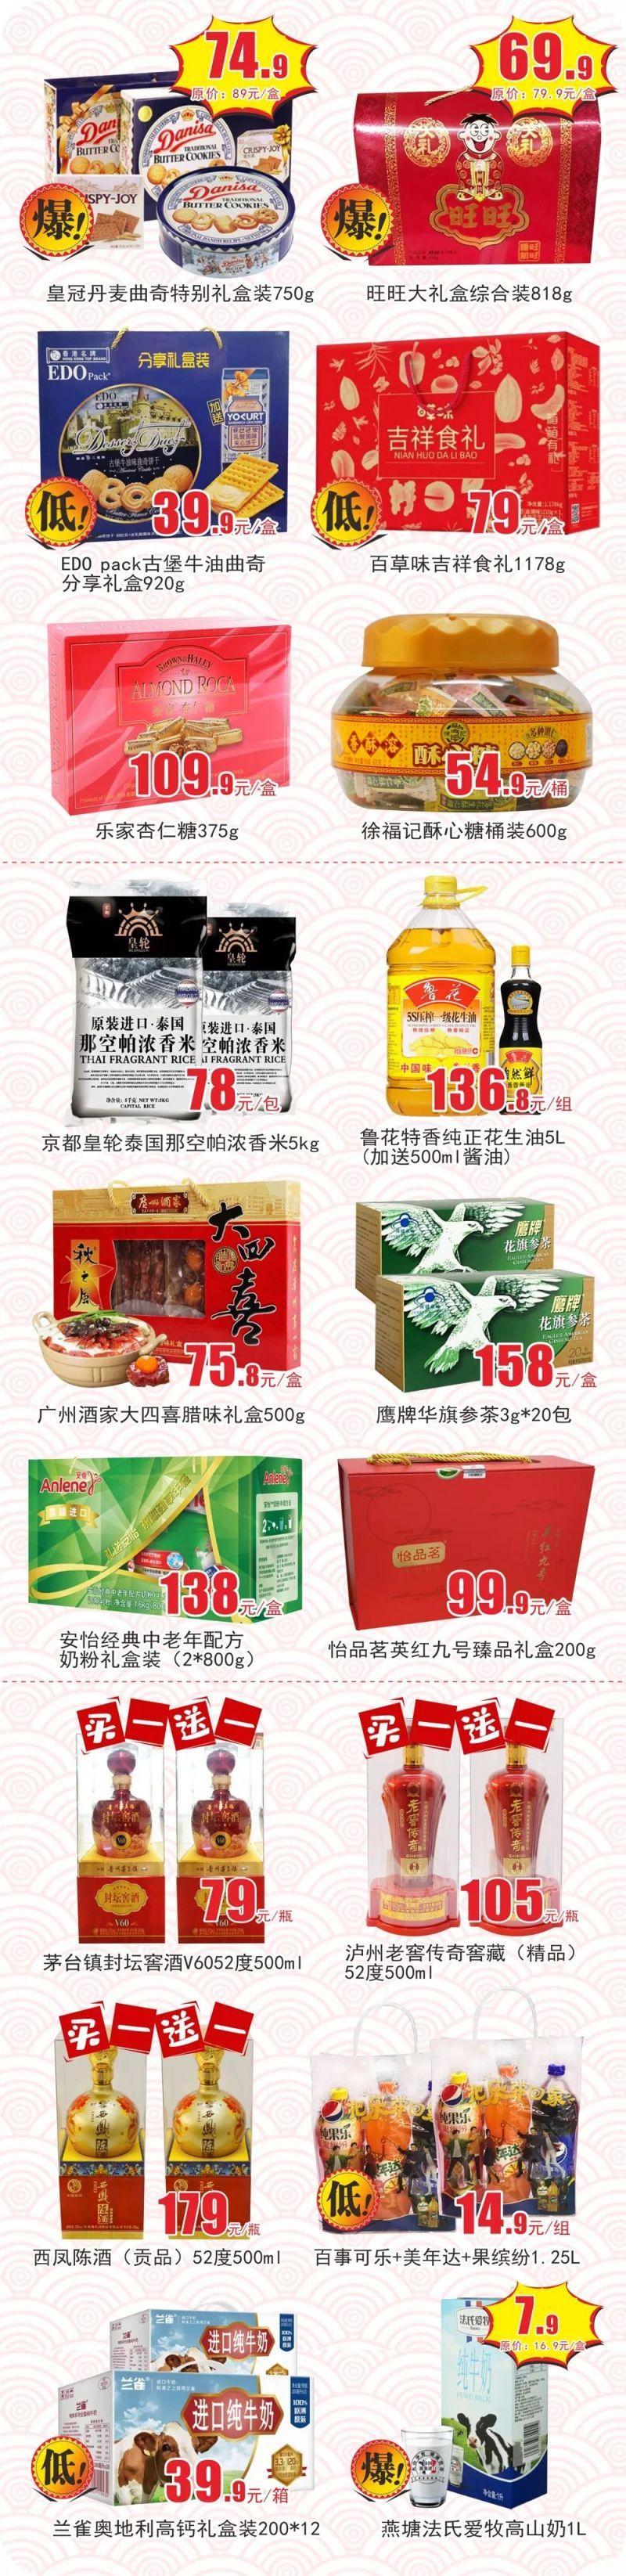 西亚兴安生活超市 | 庆元旦迎新年